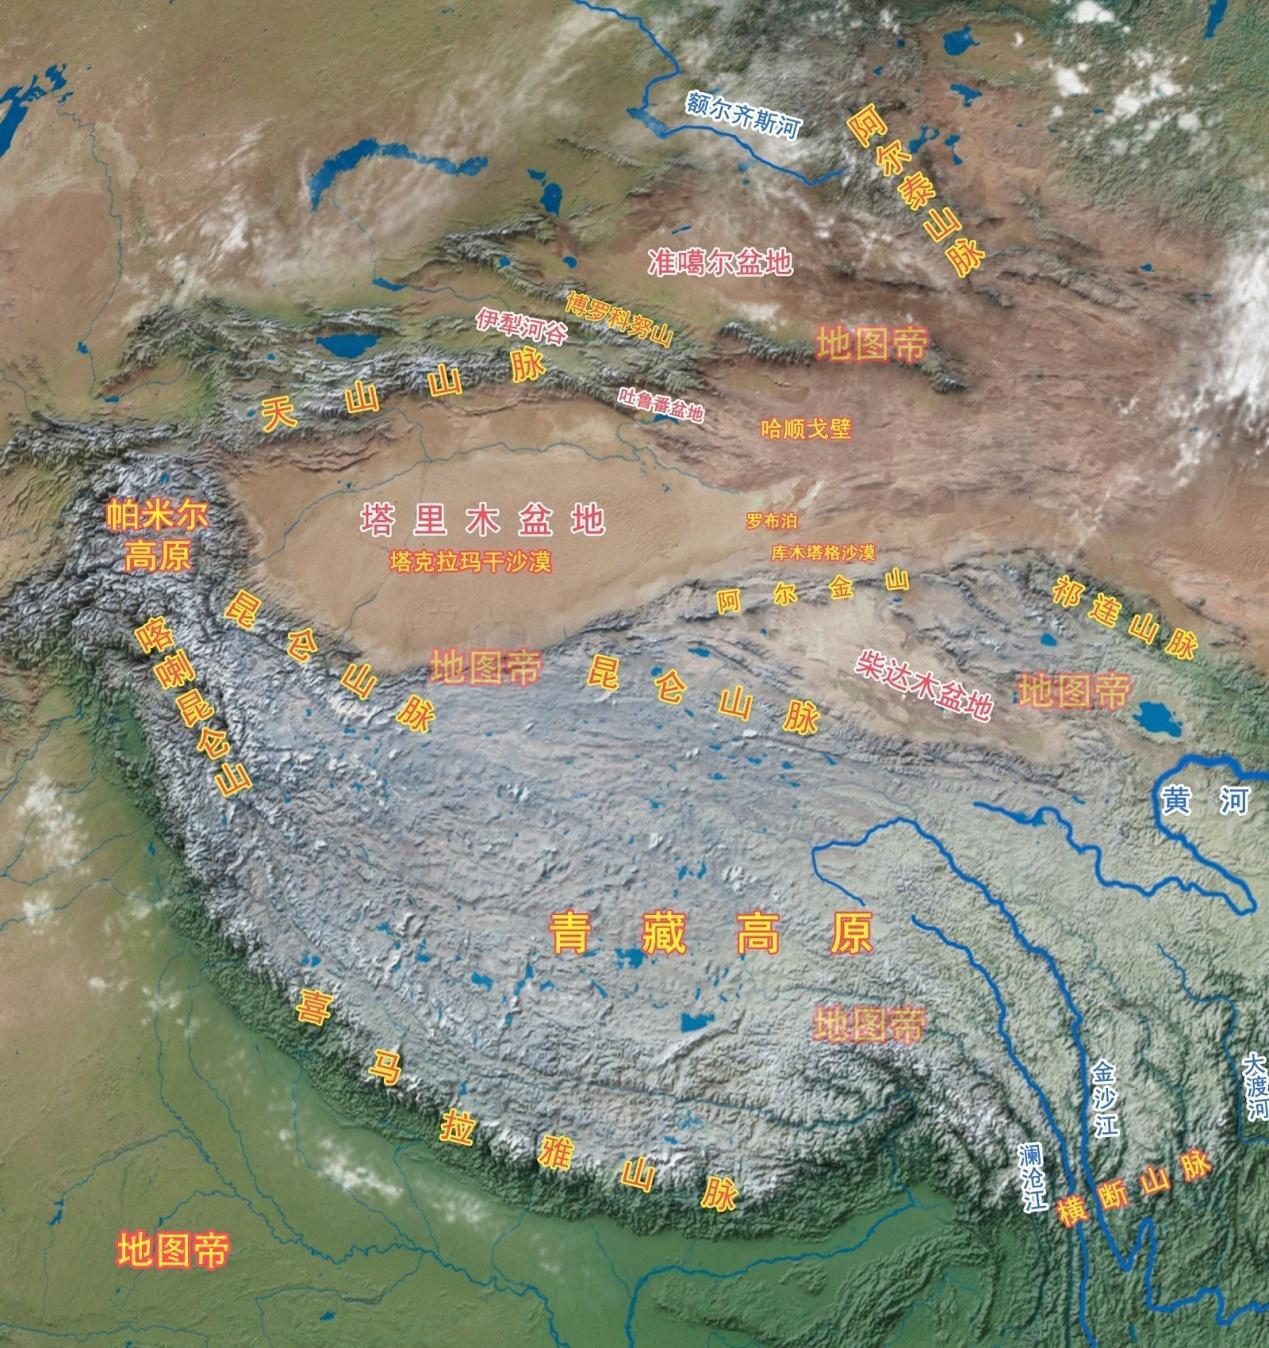 和田县地图_内蒙古阿拉善盟沙漠多,为何酒泉卫星发射中心在阿拉善盟? - 知乎